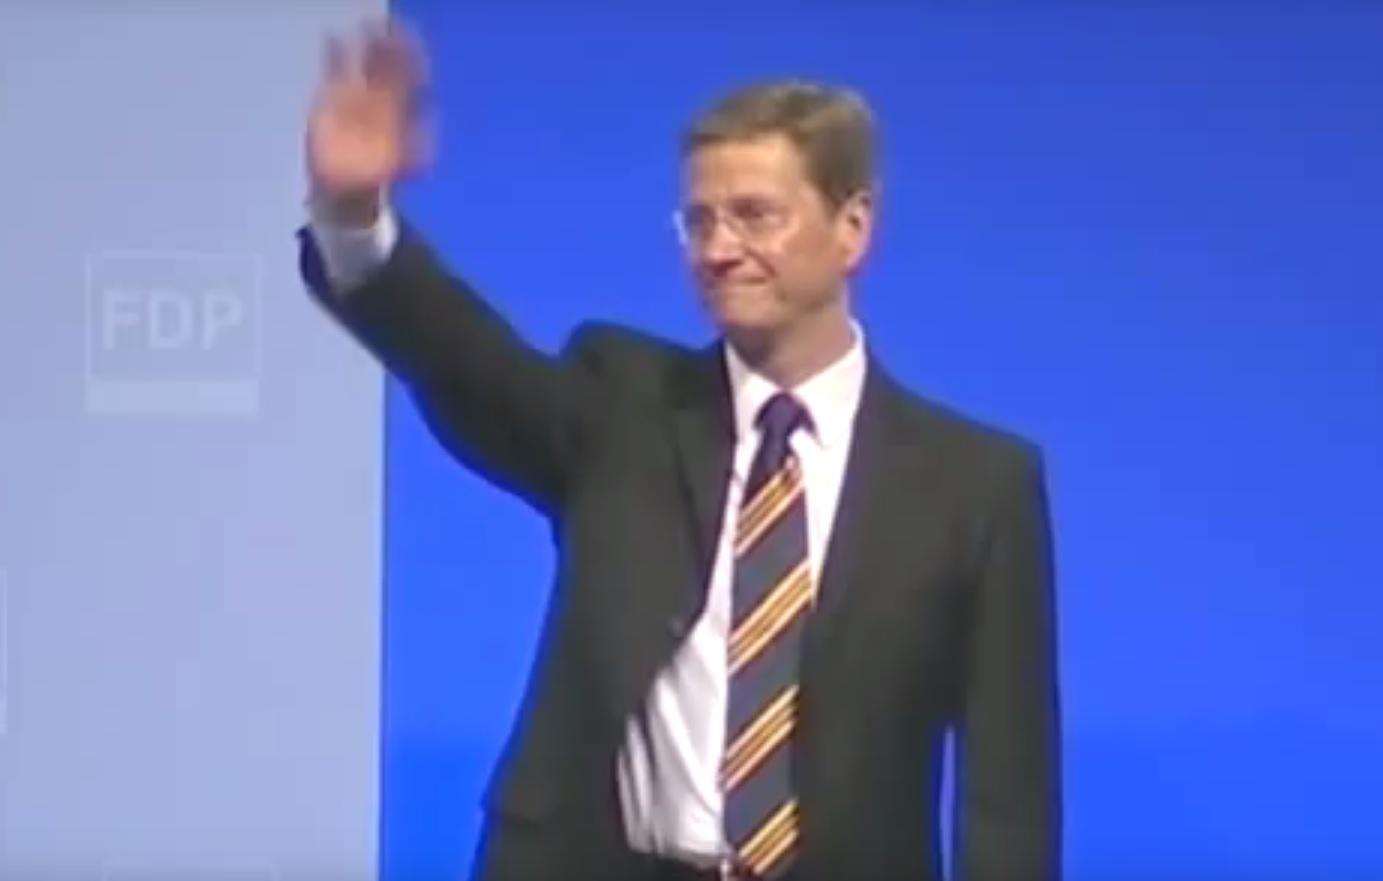 Guido Westerwelle: letzte Rede als FDP-Parteivorsitzender